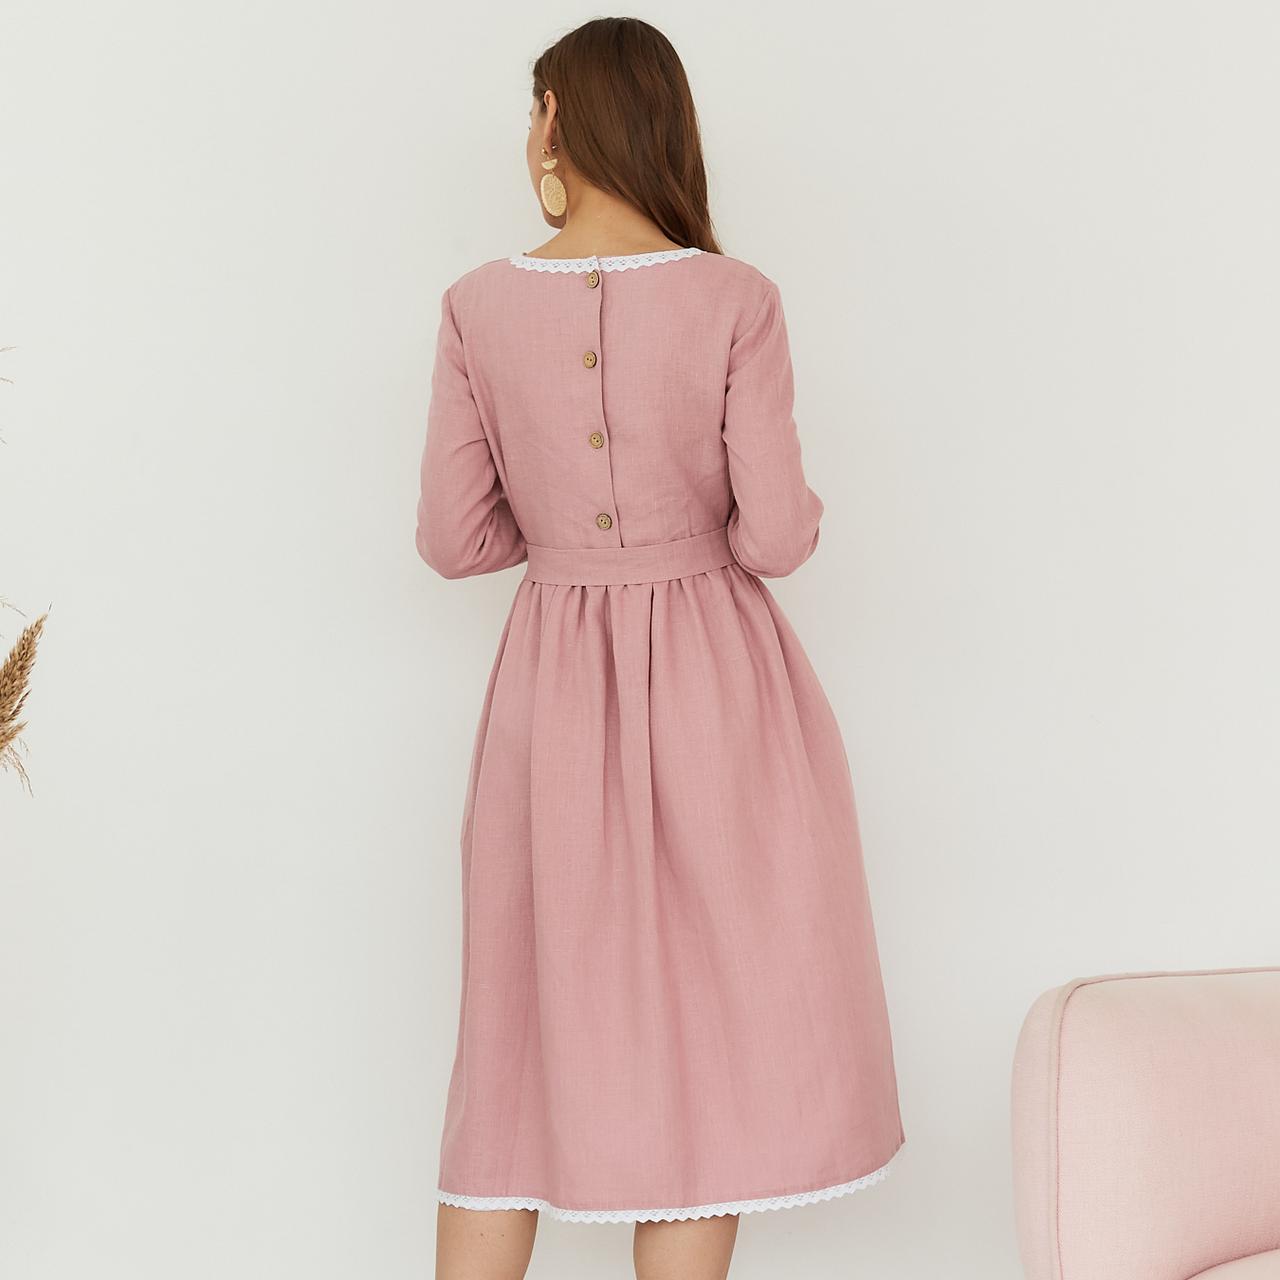 Платье женское льняное с хлопковым кружевом пыльно-розового цвета - фото 2